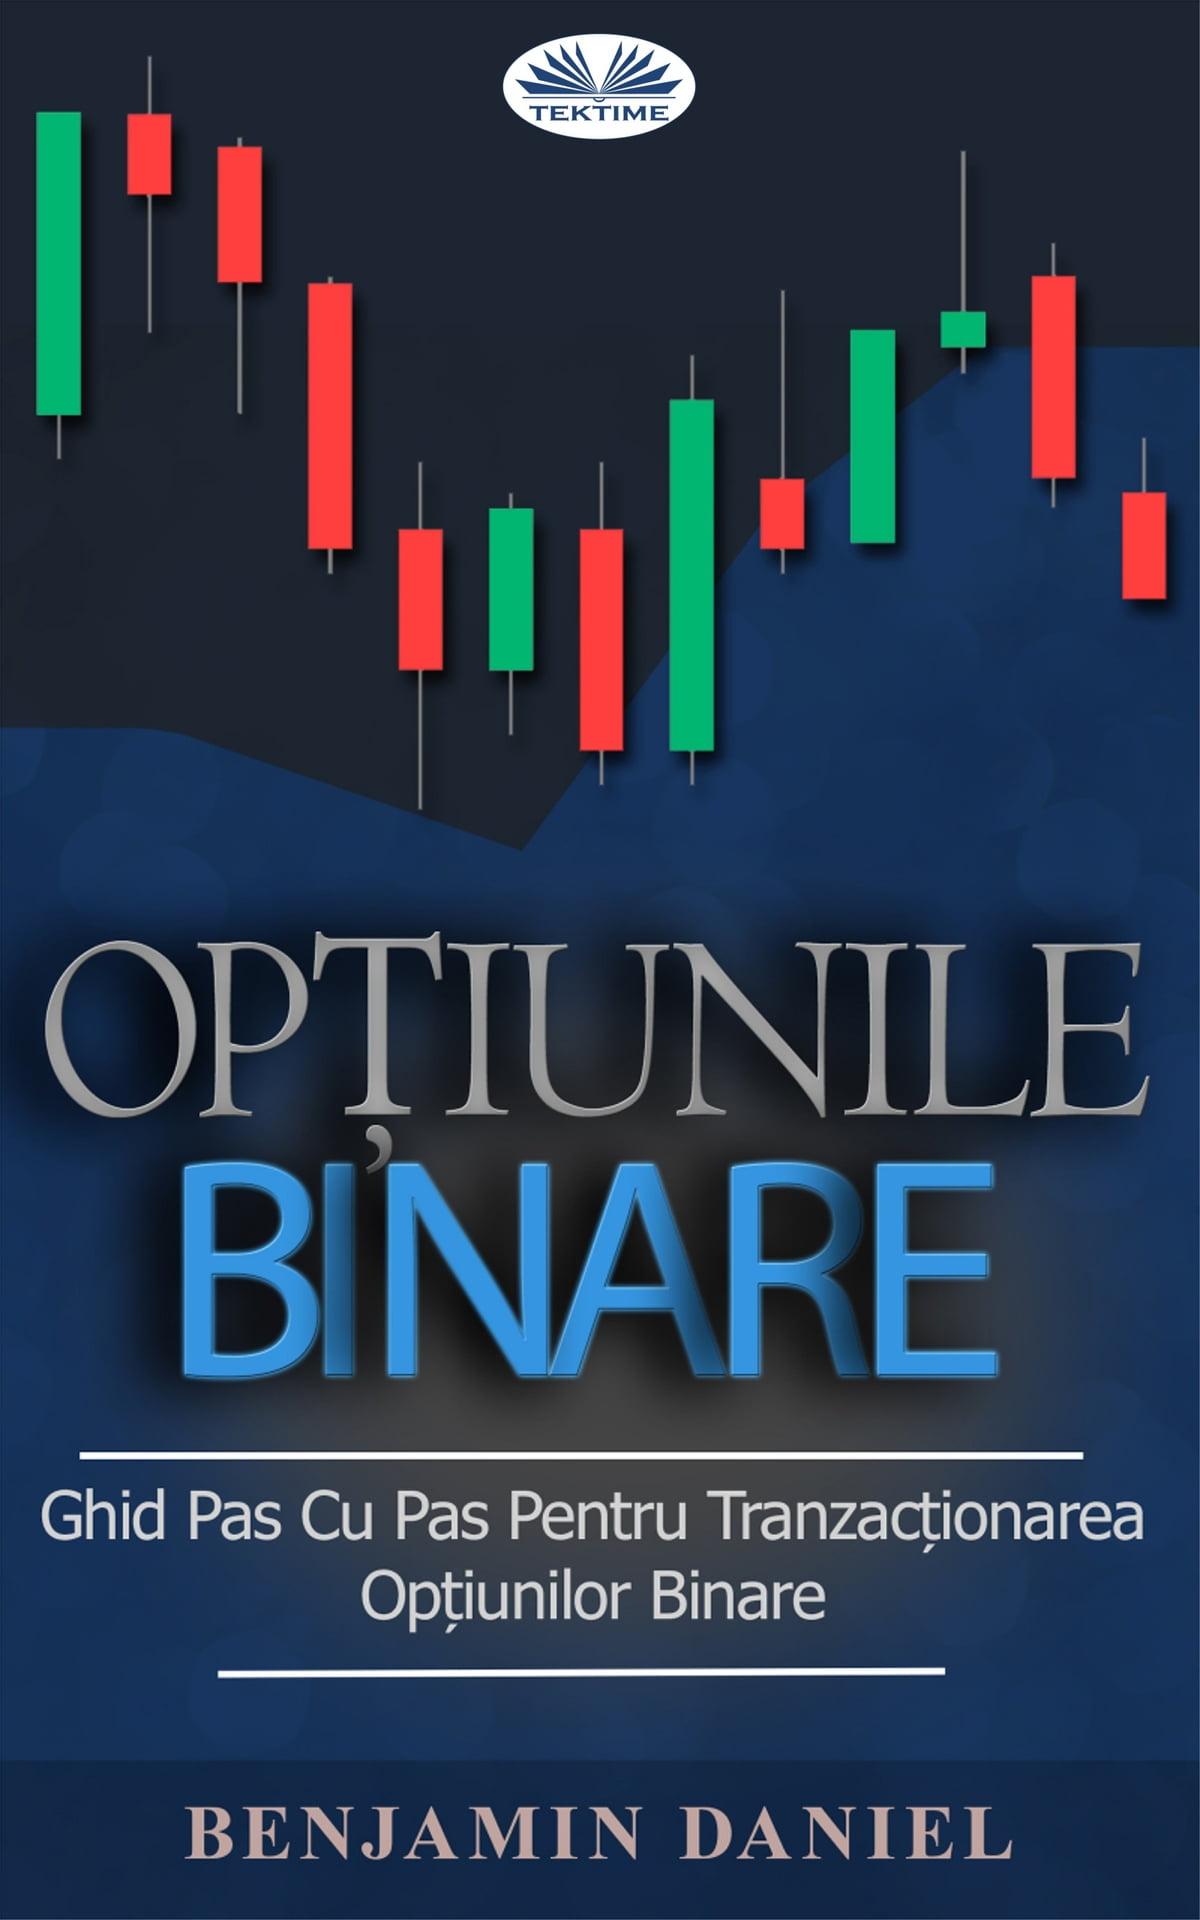 Investesti în opțiuni binare cum să tranzacționați cripto-volum mare ayrex revizuire broker binar